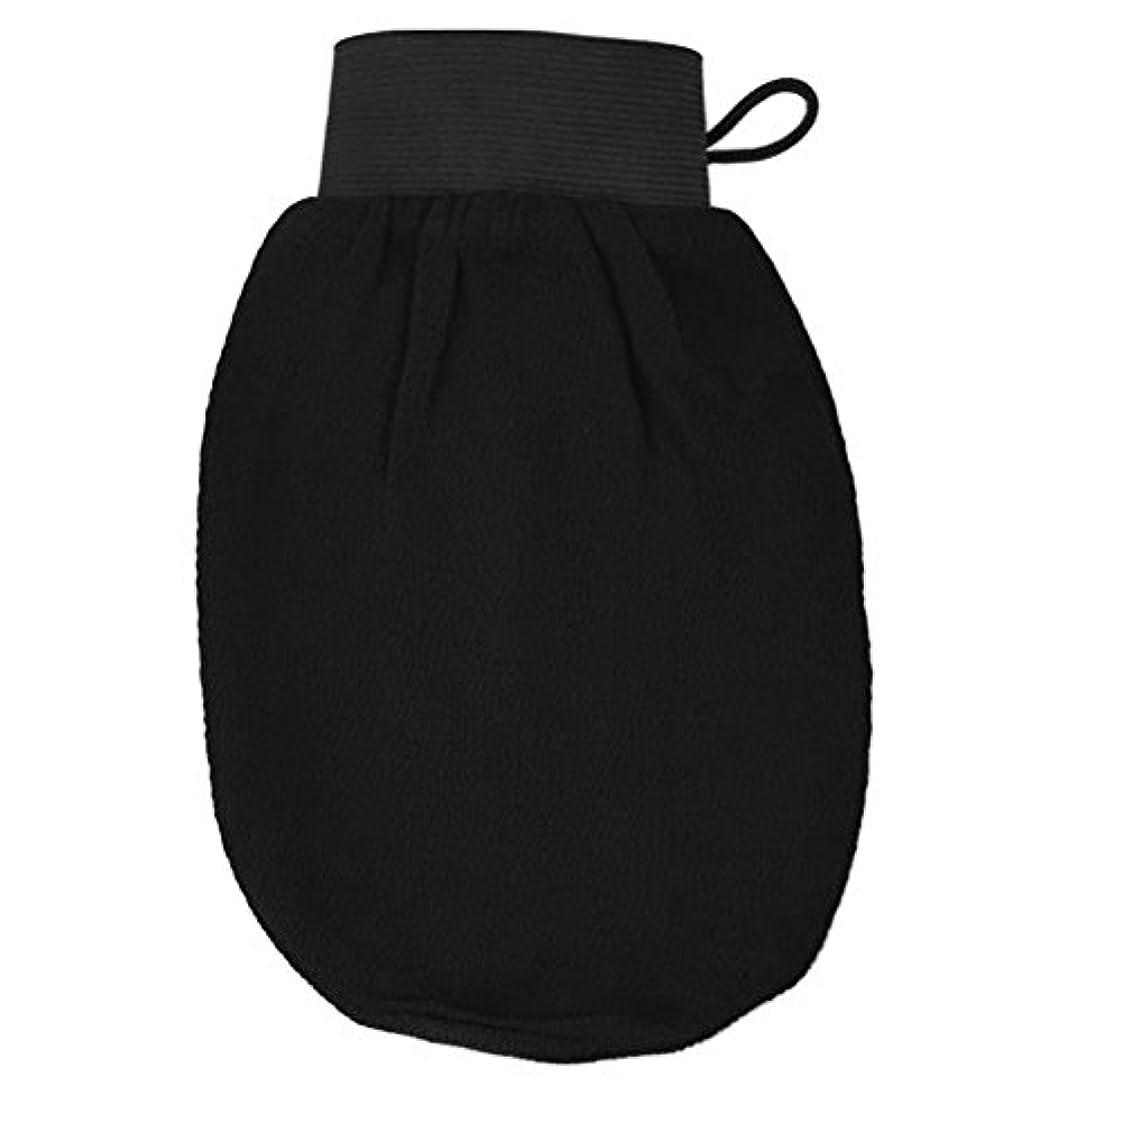 想像力財政申し込むROSENICE バスグローブ 浴用グローブ 角質取り 泡立ち 垢擦り 手袋 マッサージ ボディウォッシュ シャワー バスルーム 男女兼用 バス用品(ブラック)